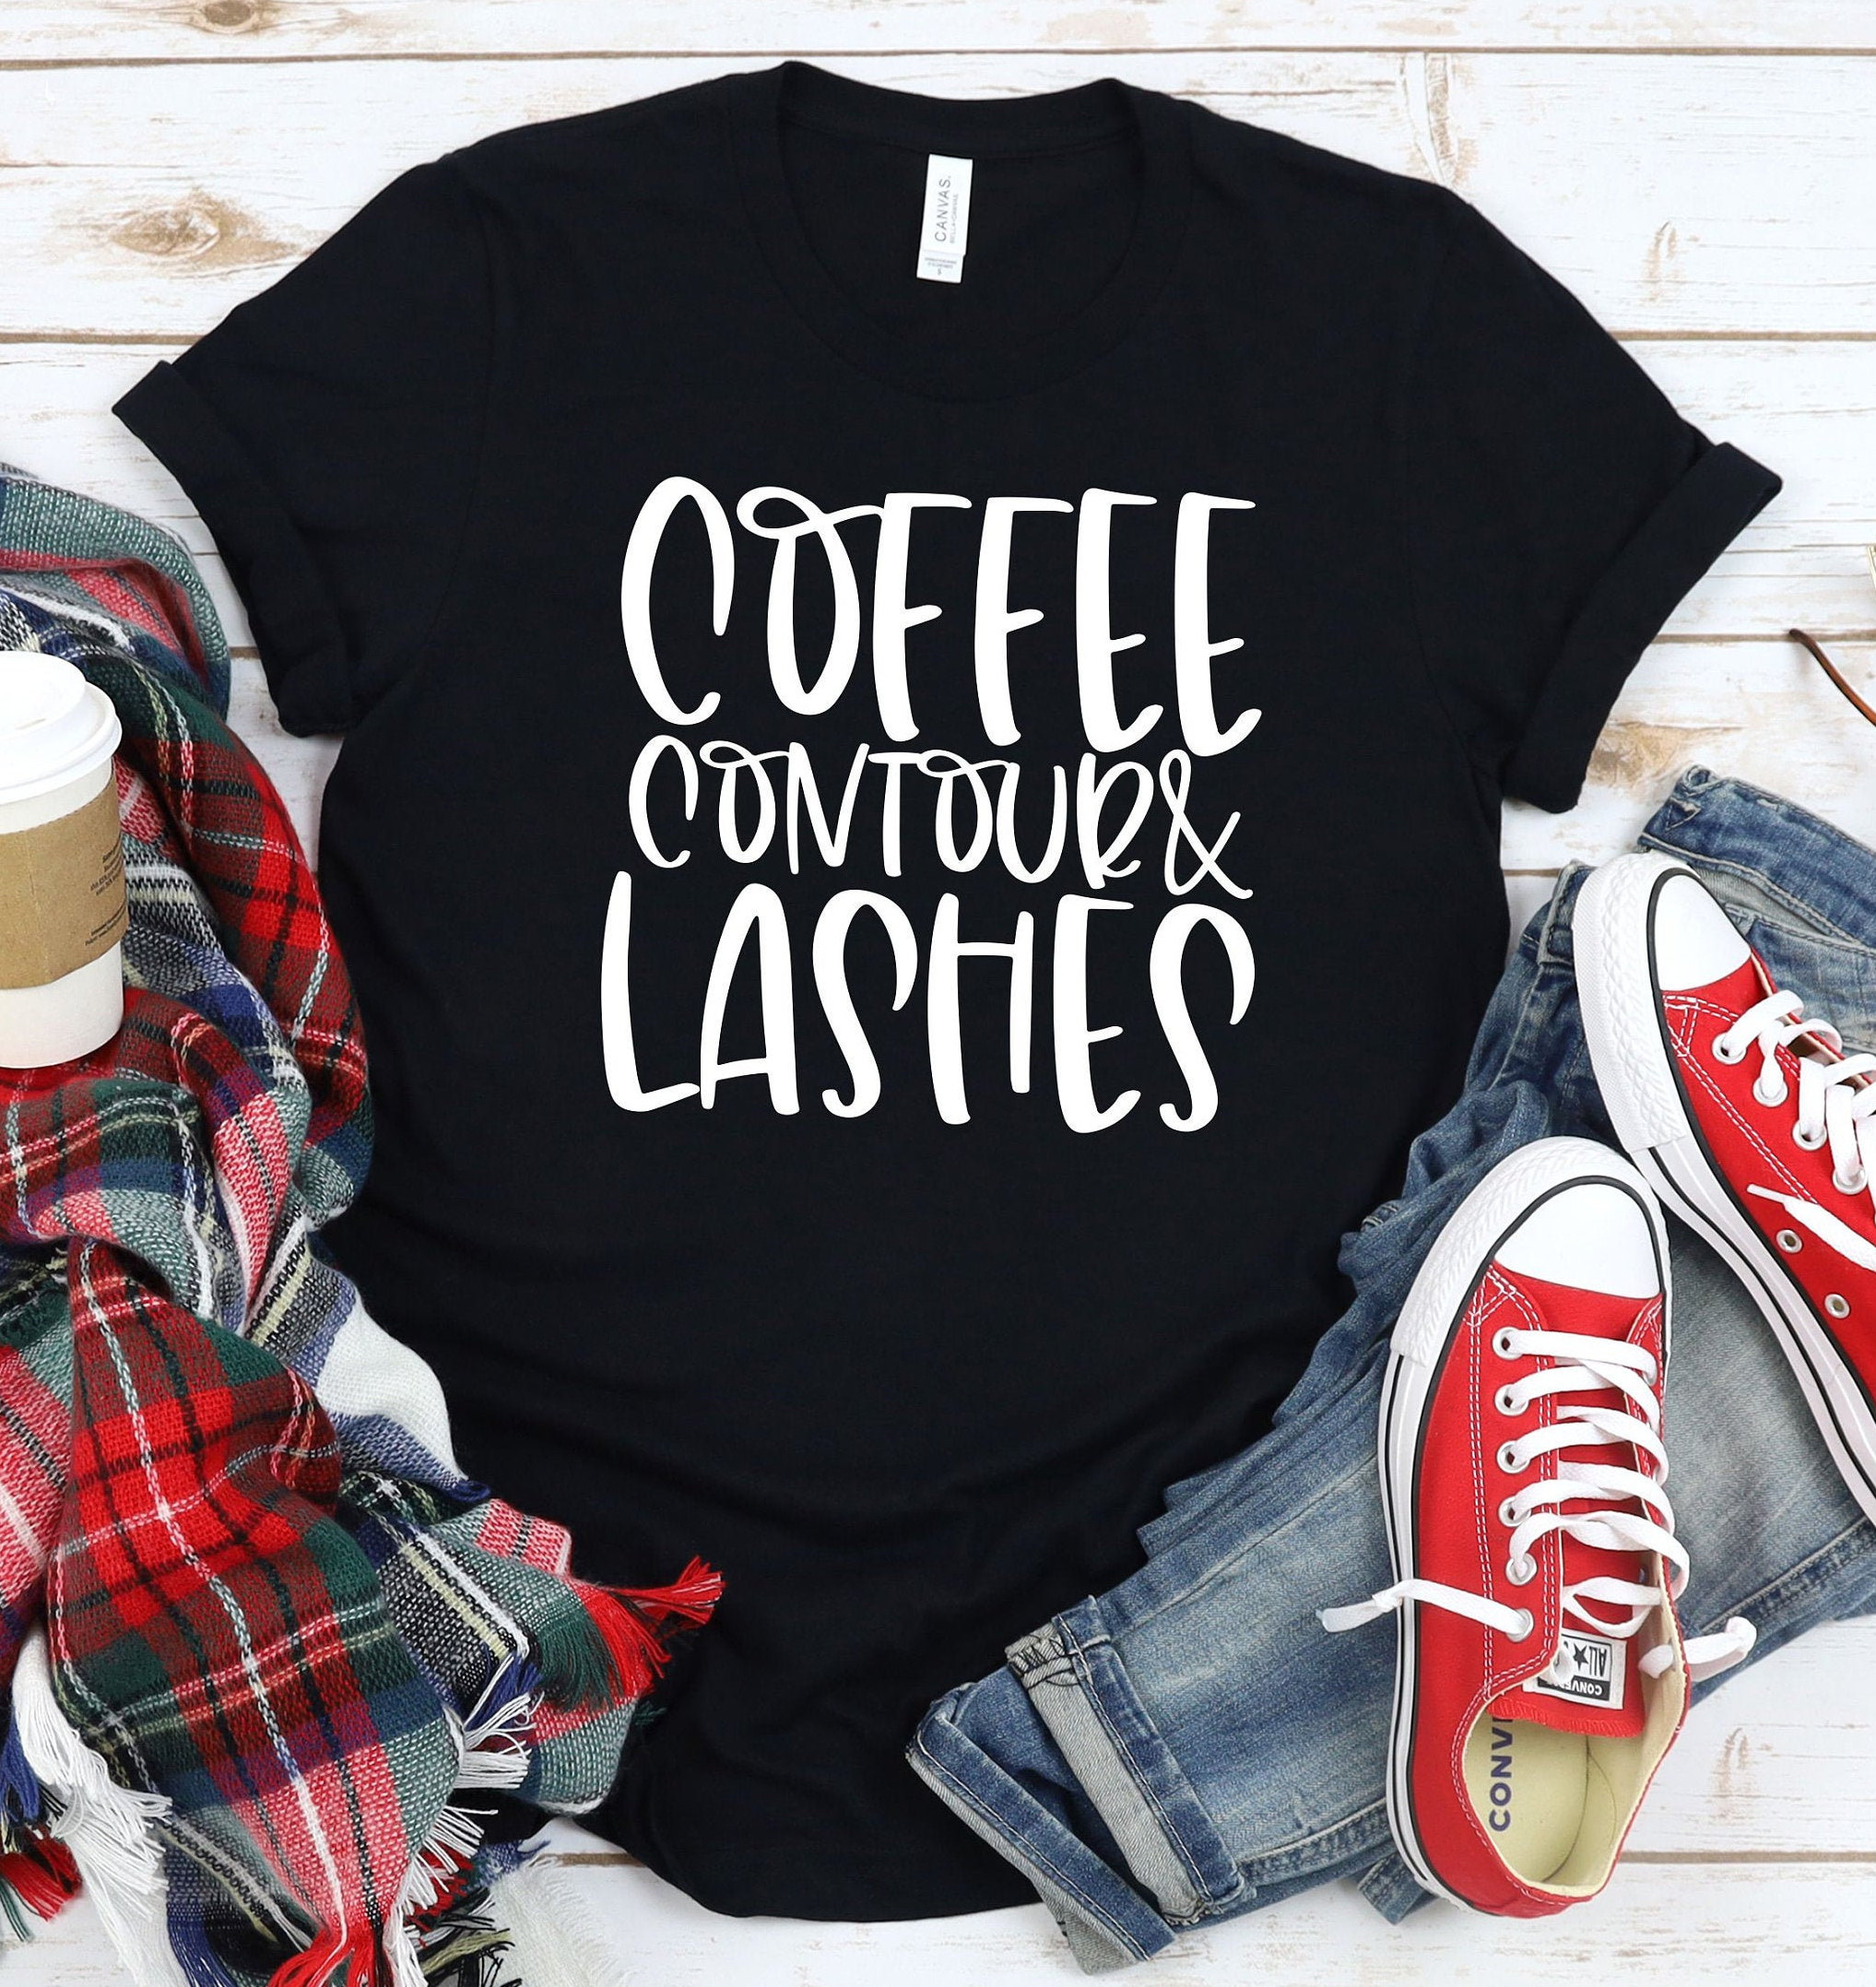 Coffee-contour-lashes-svg-makeup-love-svg-mascara-svg-lashes-svg-contour-svglash-svg-makeup-svg-designs-makeup-cut-file-cricut-svg-600a0ad6